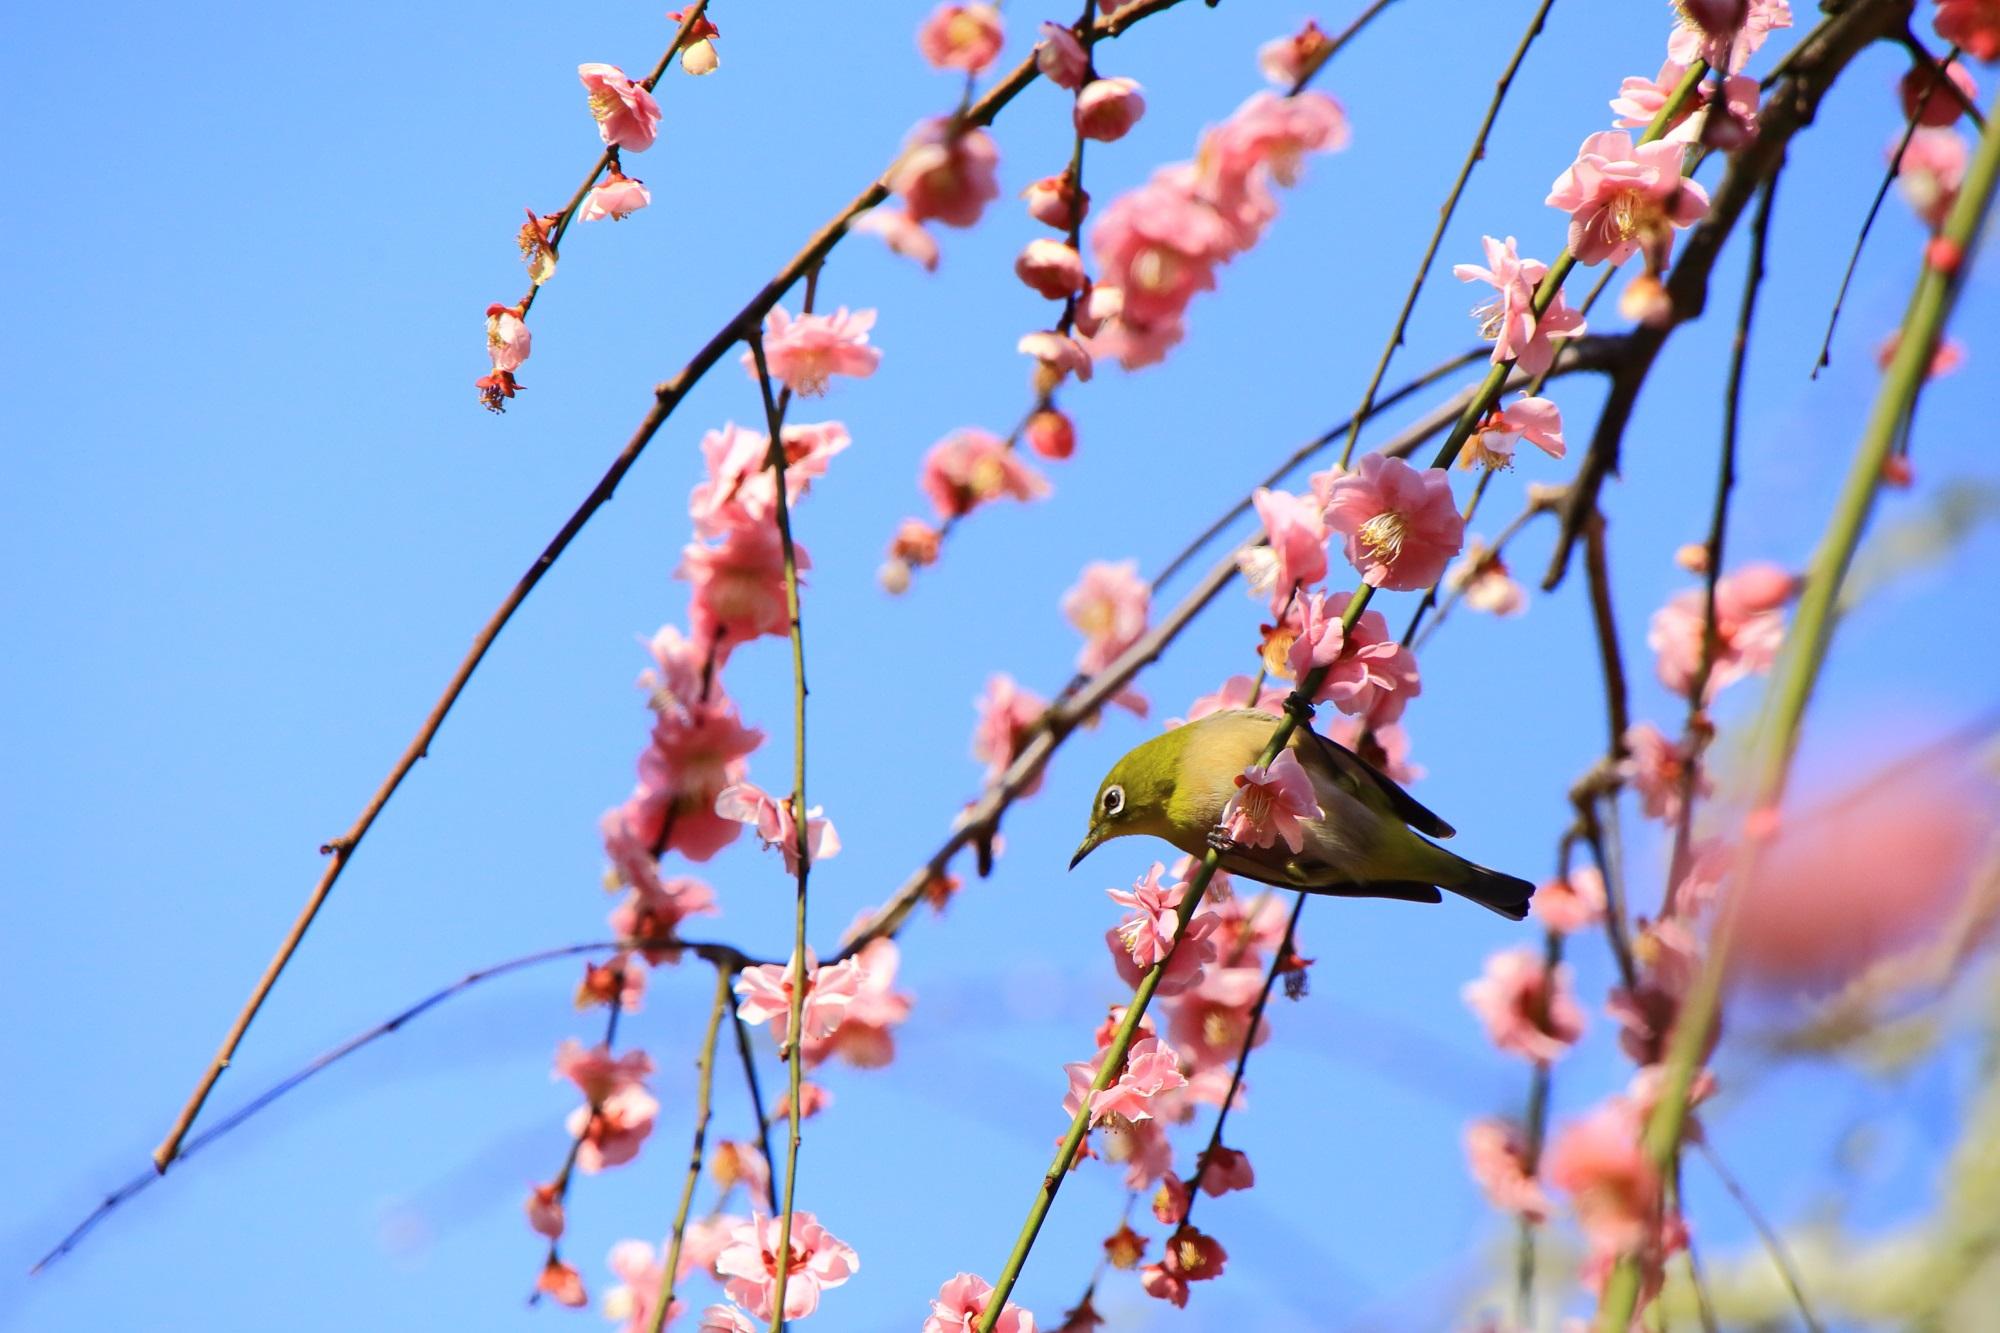 いかにも春といった感じのメジロと梅の情景